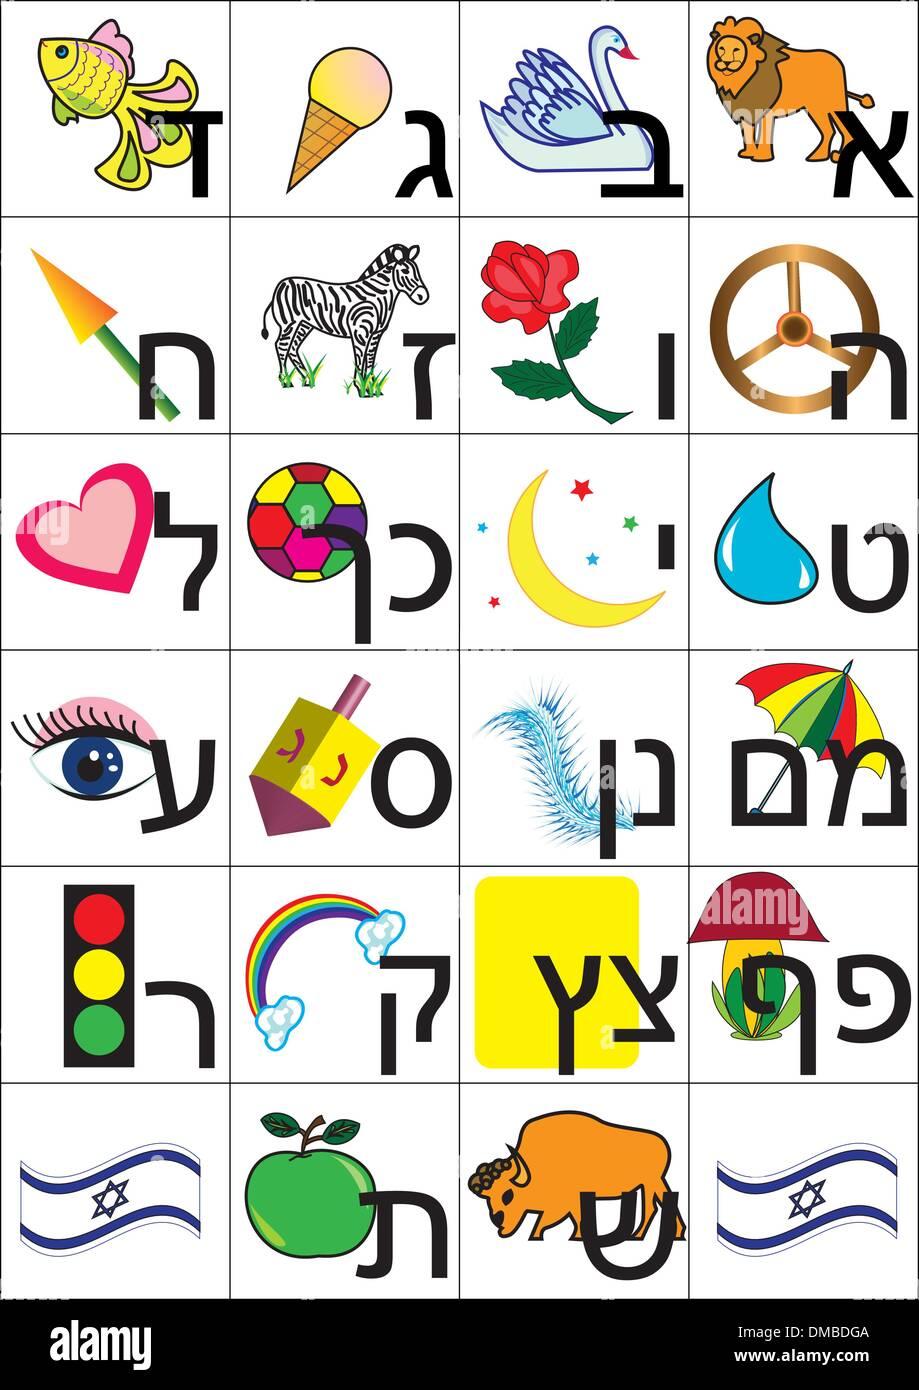 Hebrew alphabet - Stock Image